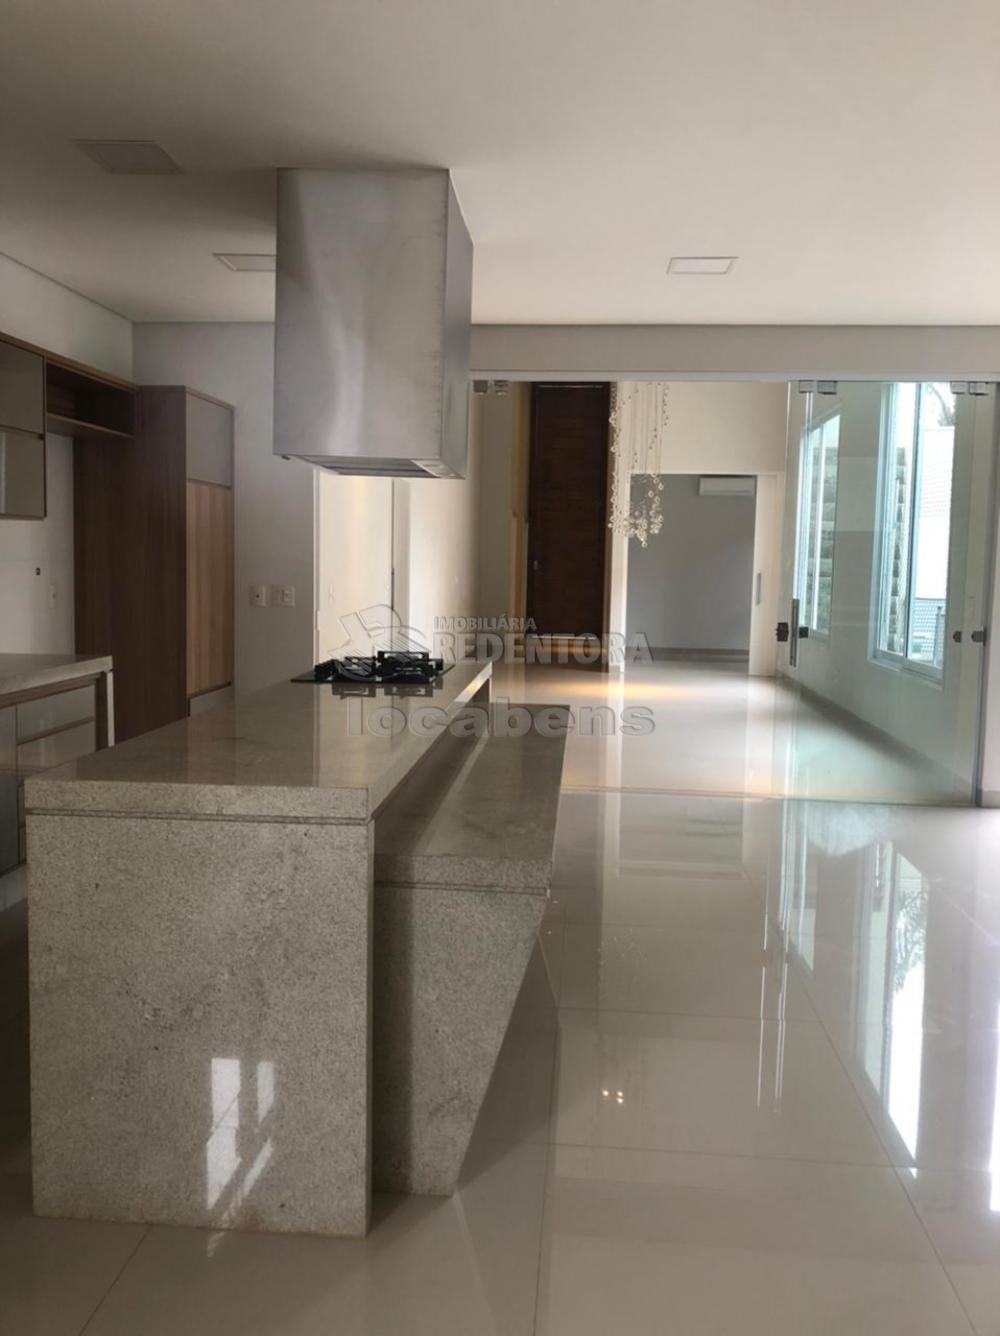 Comprar Casa / Condomínio em São José do Rio Preto R$ 1.300.000,00 - Foto 8